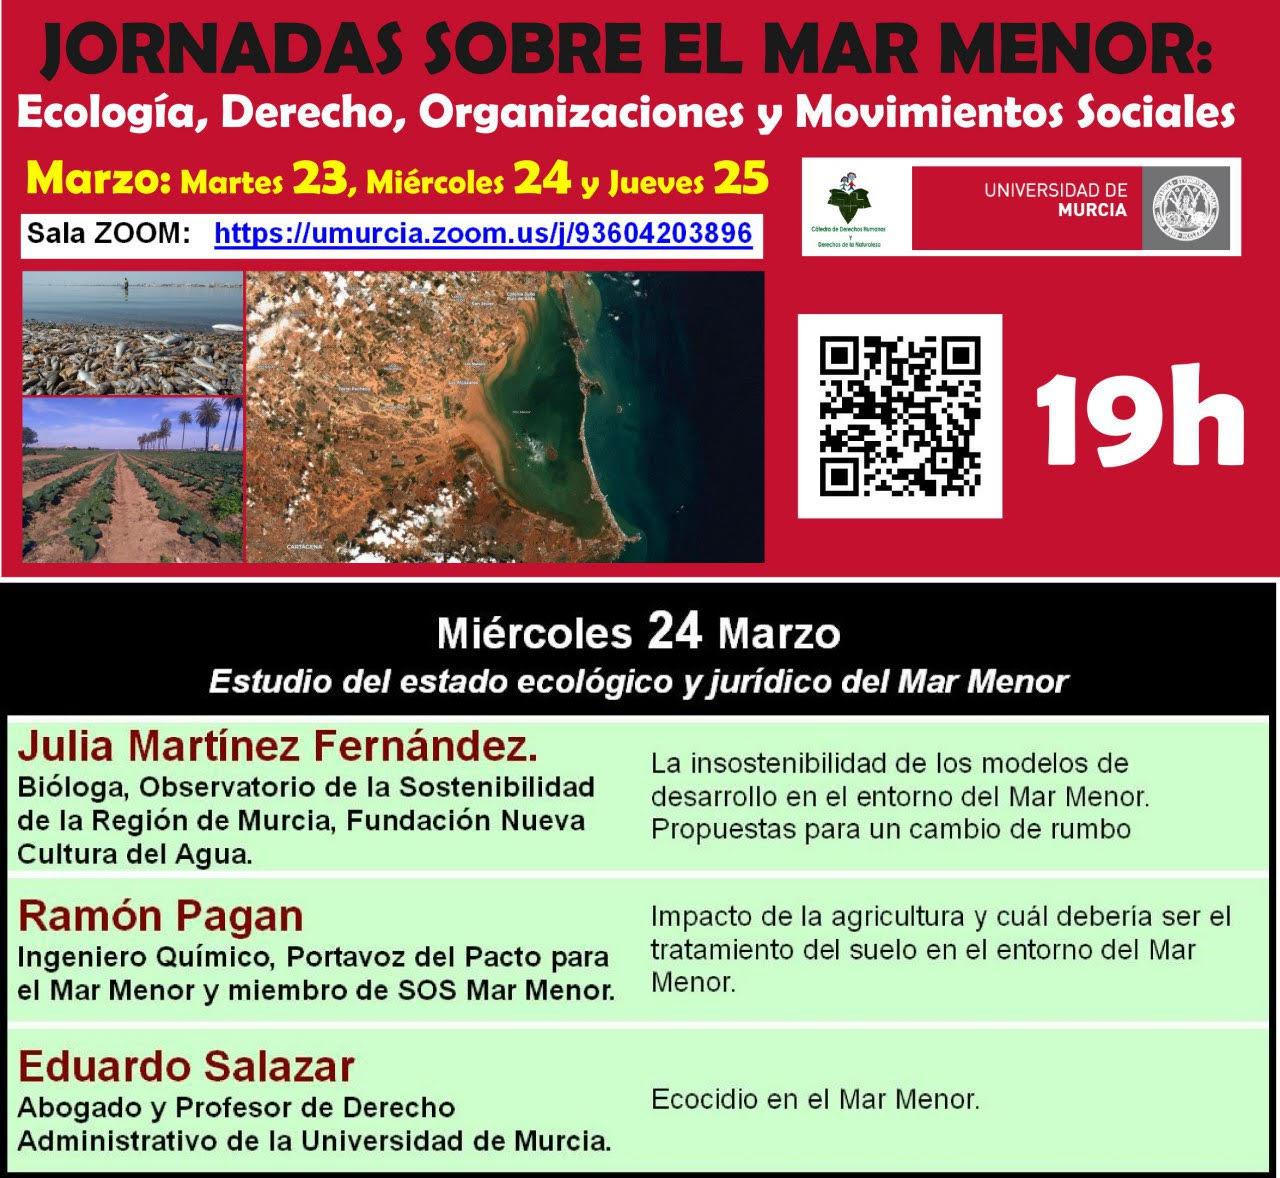 Jornadas sobre el Mar Menor: Ecología, Derecho, Organizaciones y Molvimientos Sociales, con la UMU